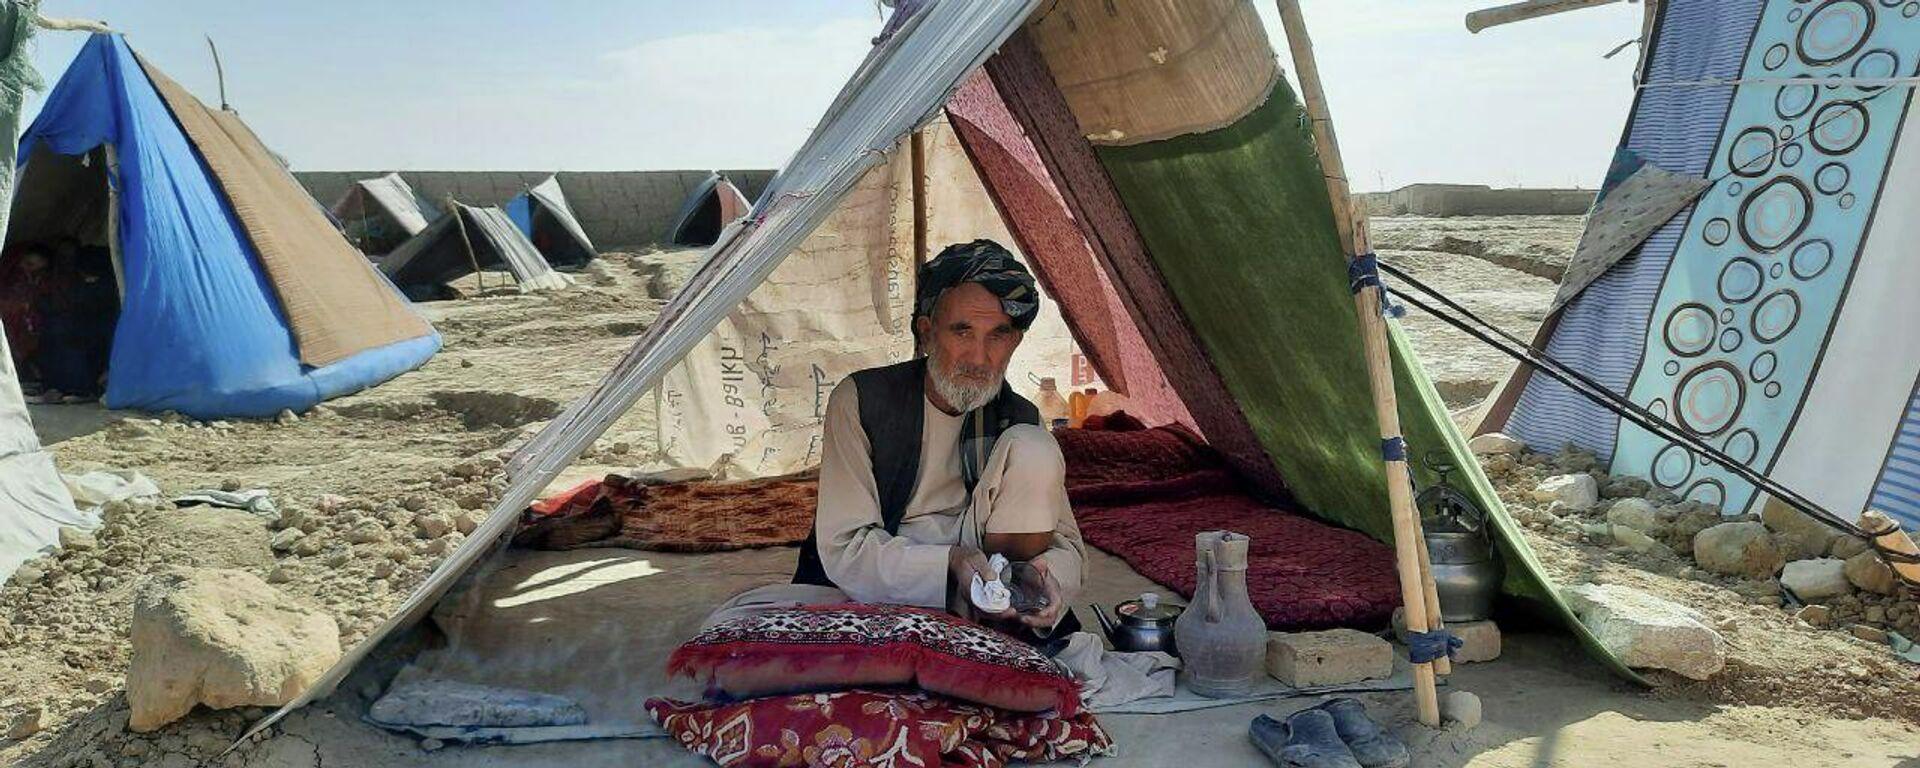 Лагерь беженцев в Мазари-Шарифе - Sputnik Таджикистан, 1920, 15.07.2021